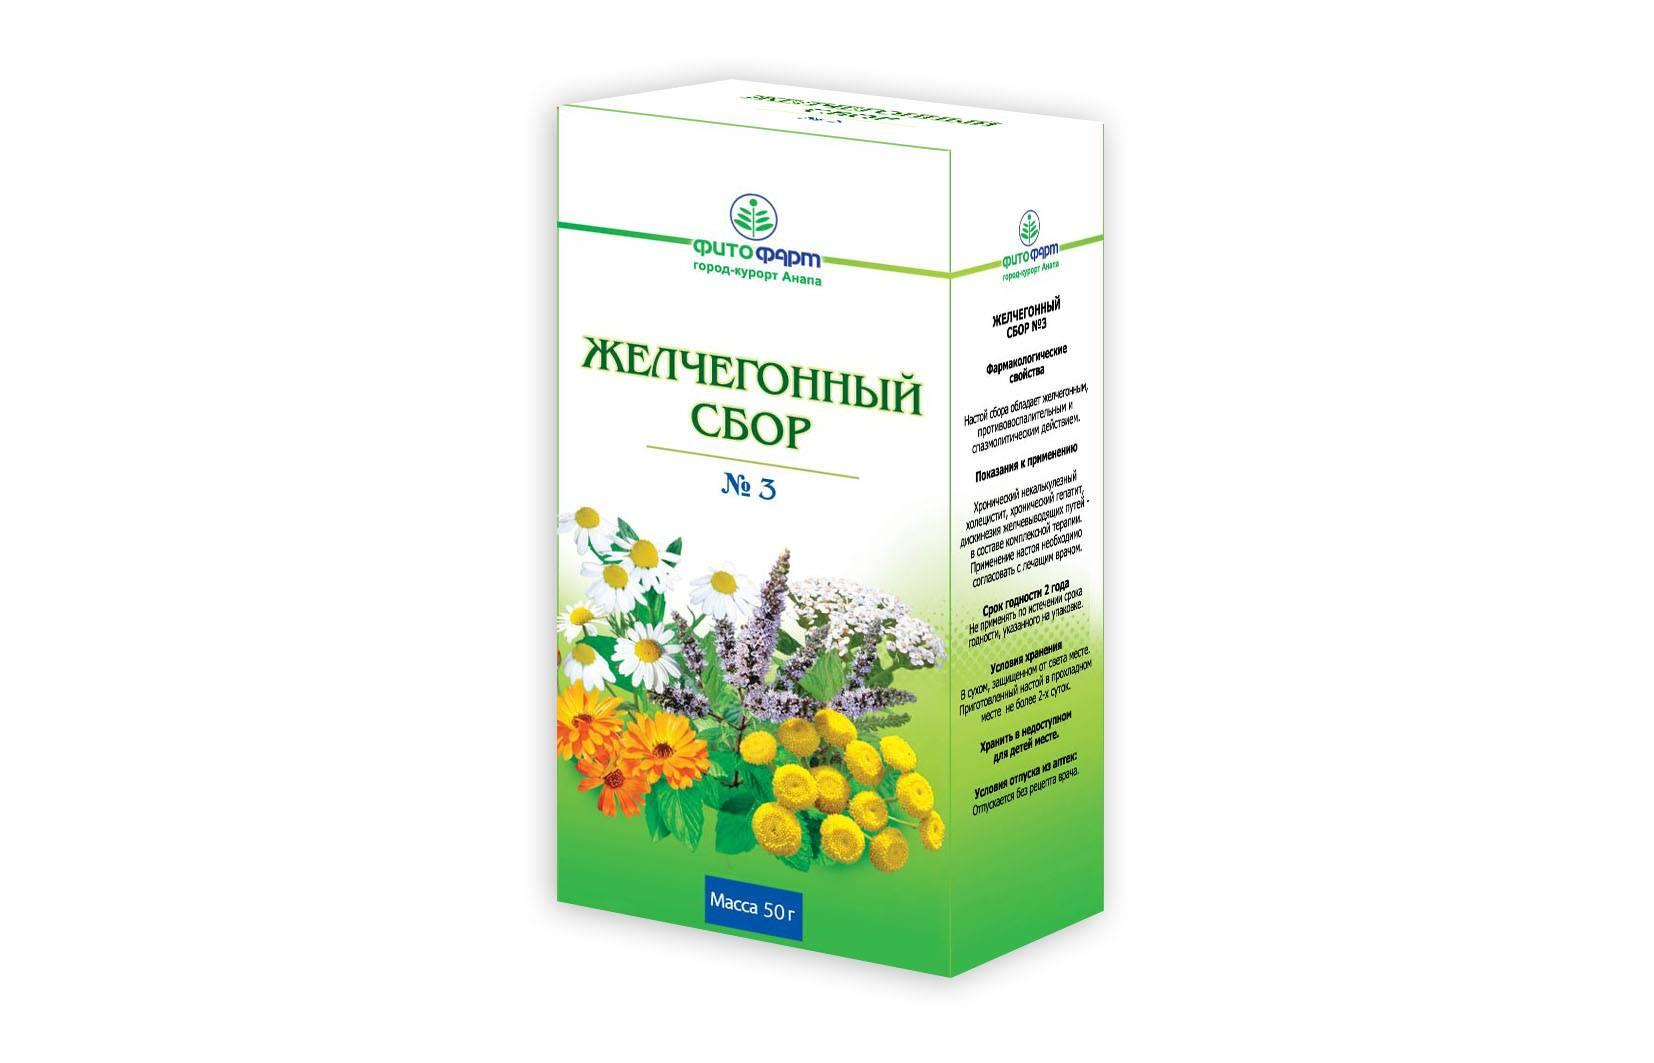 Желчегонные травы - народные средства и боры для лечения желчного пузыря и печени